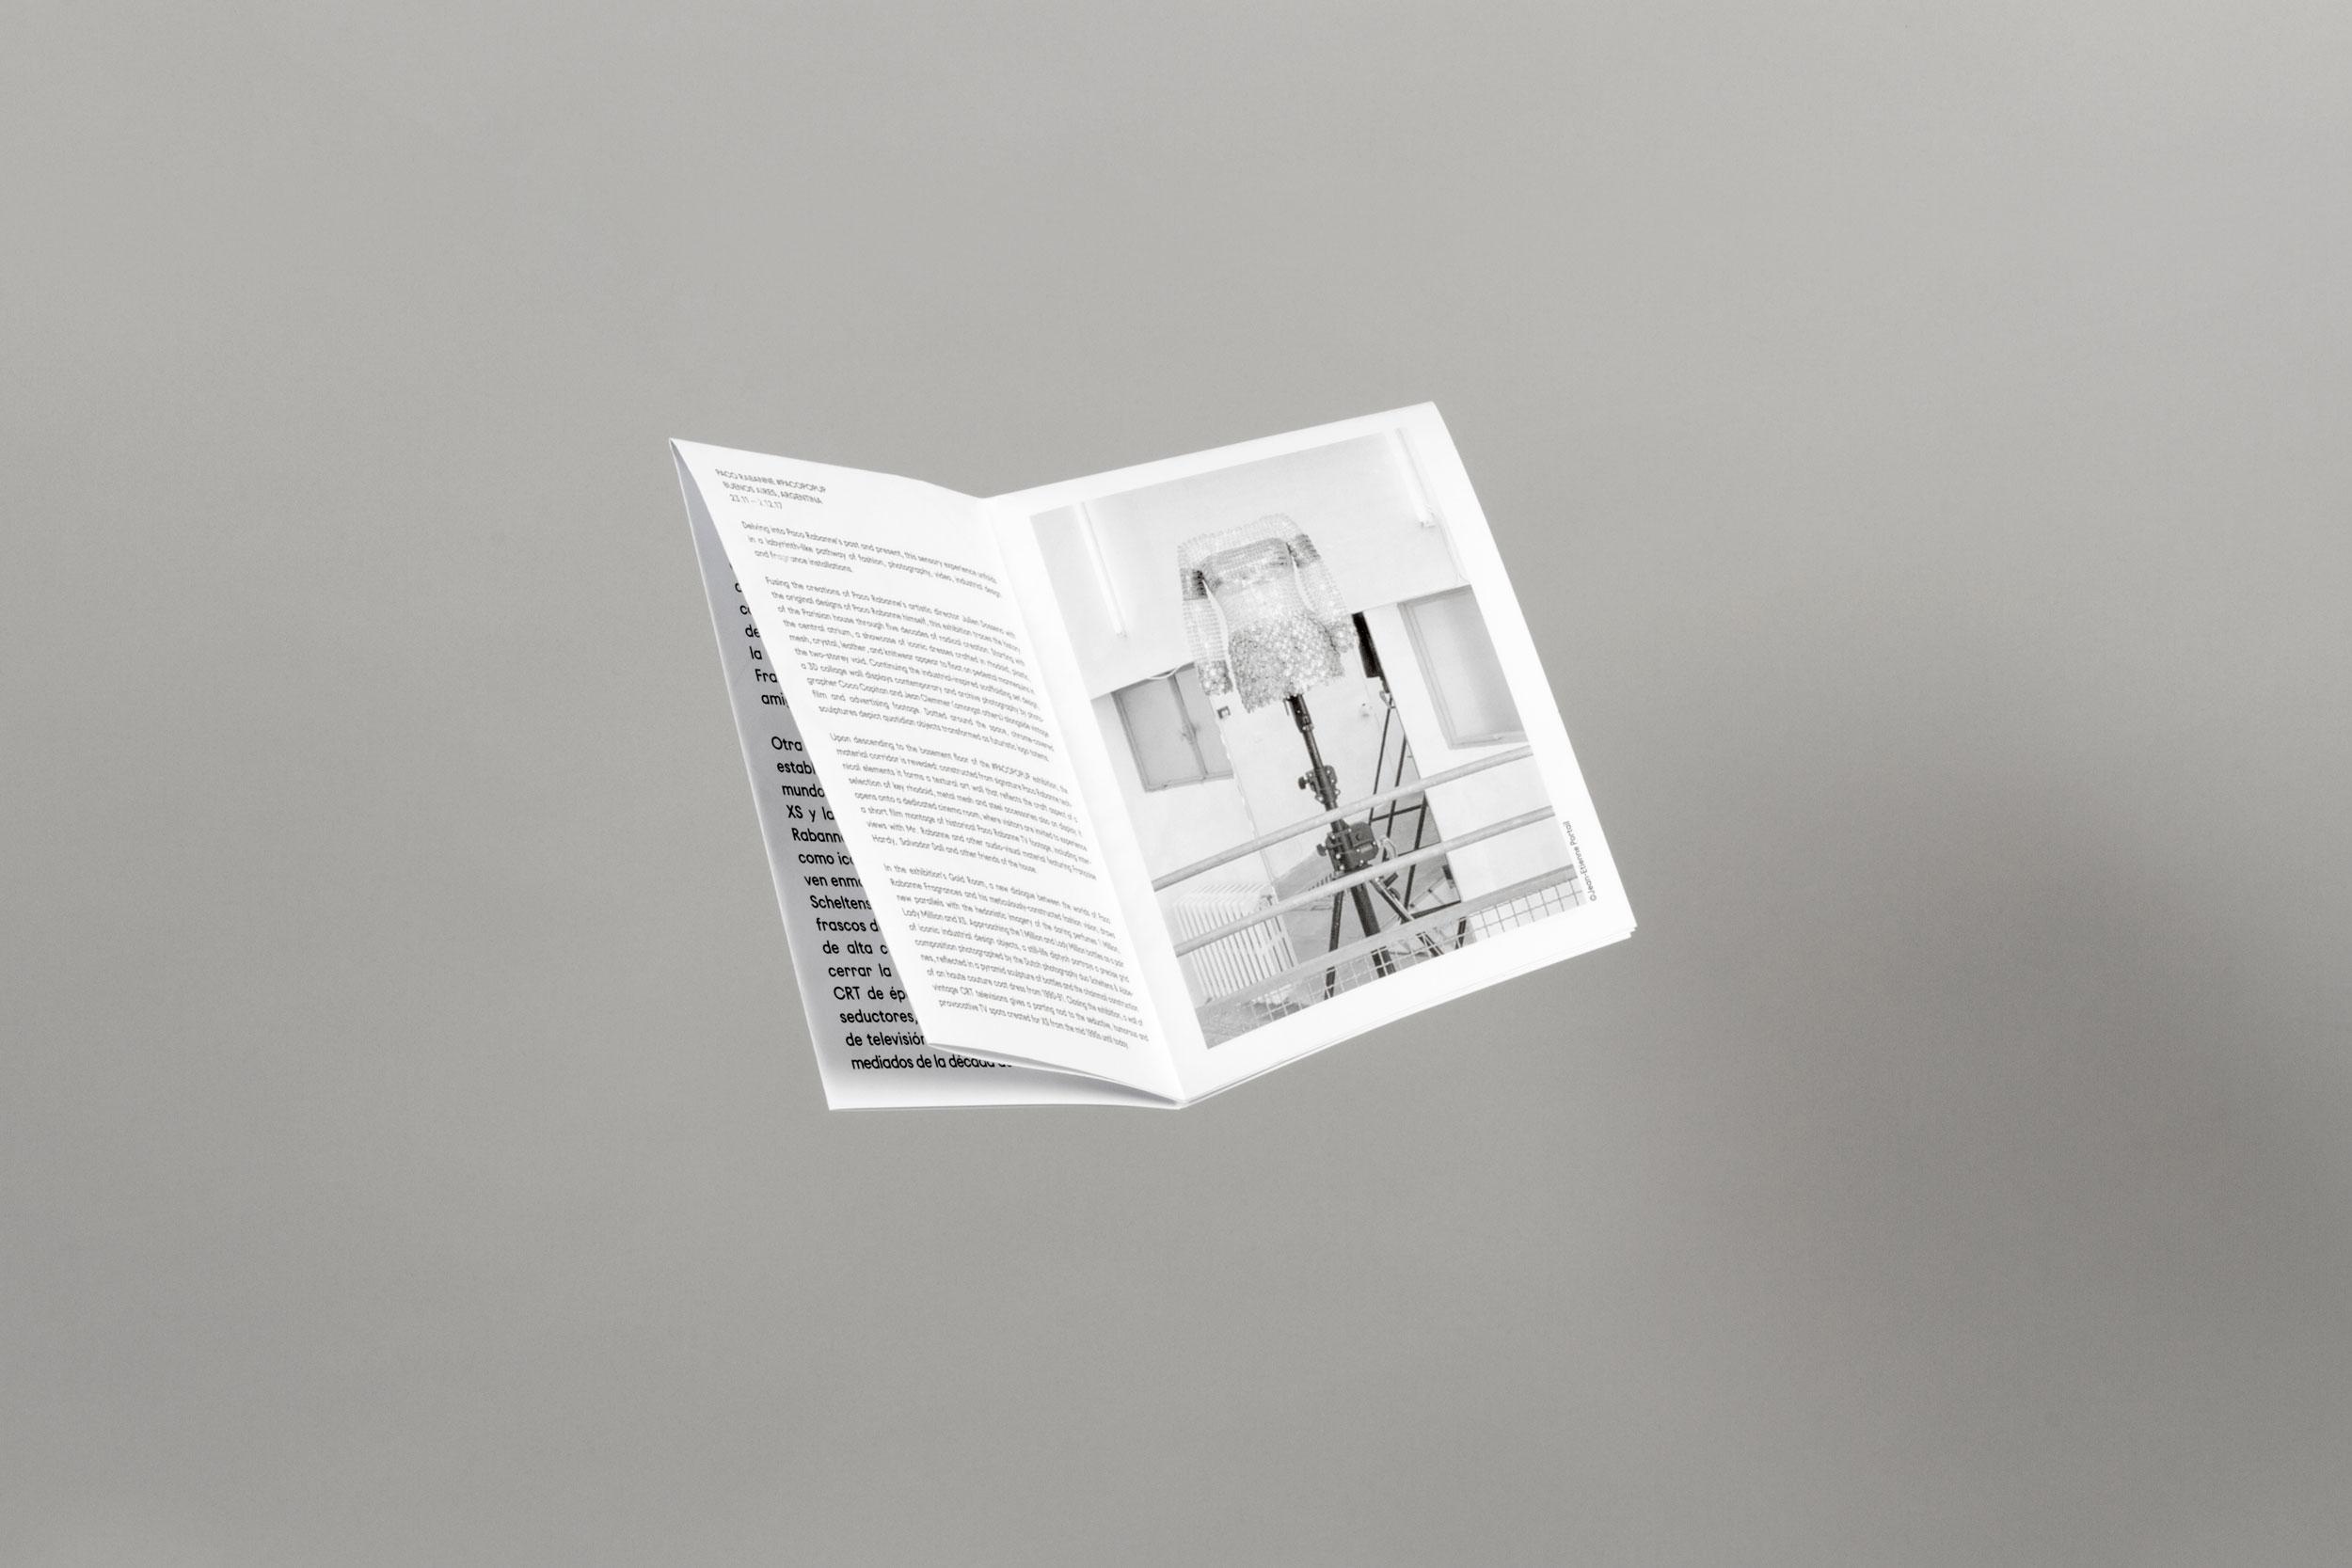 Paco Rabanne Folleto diseño gráfico Noreste estudio